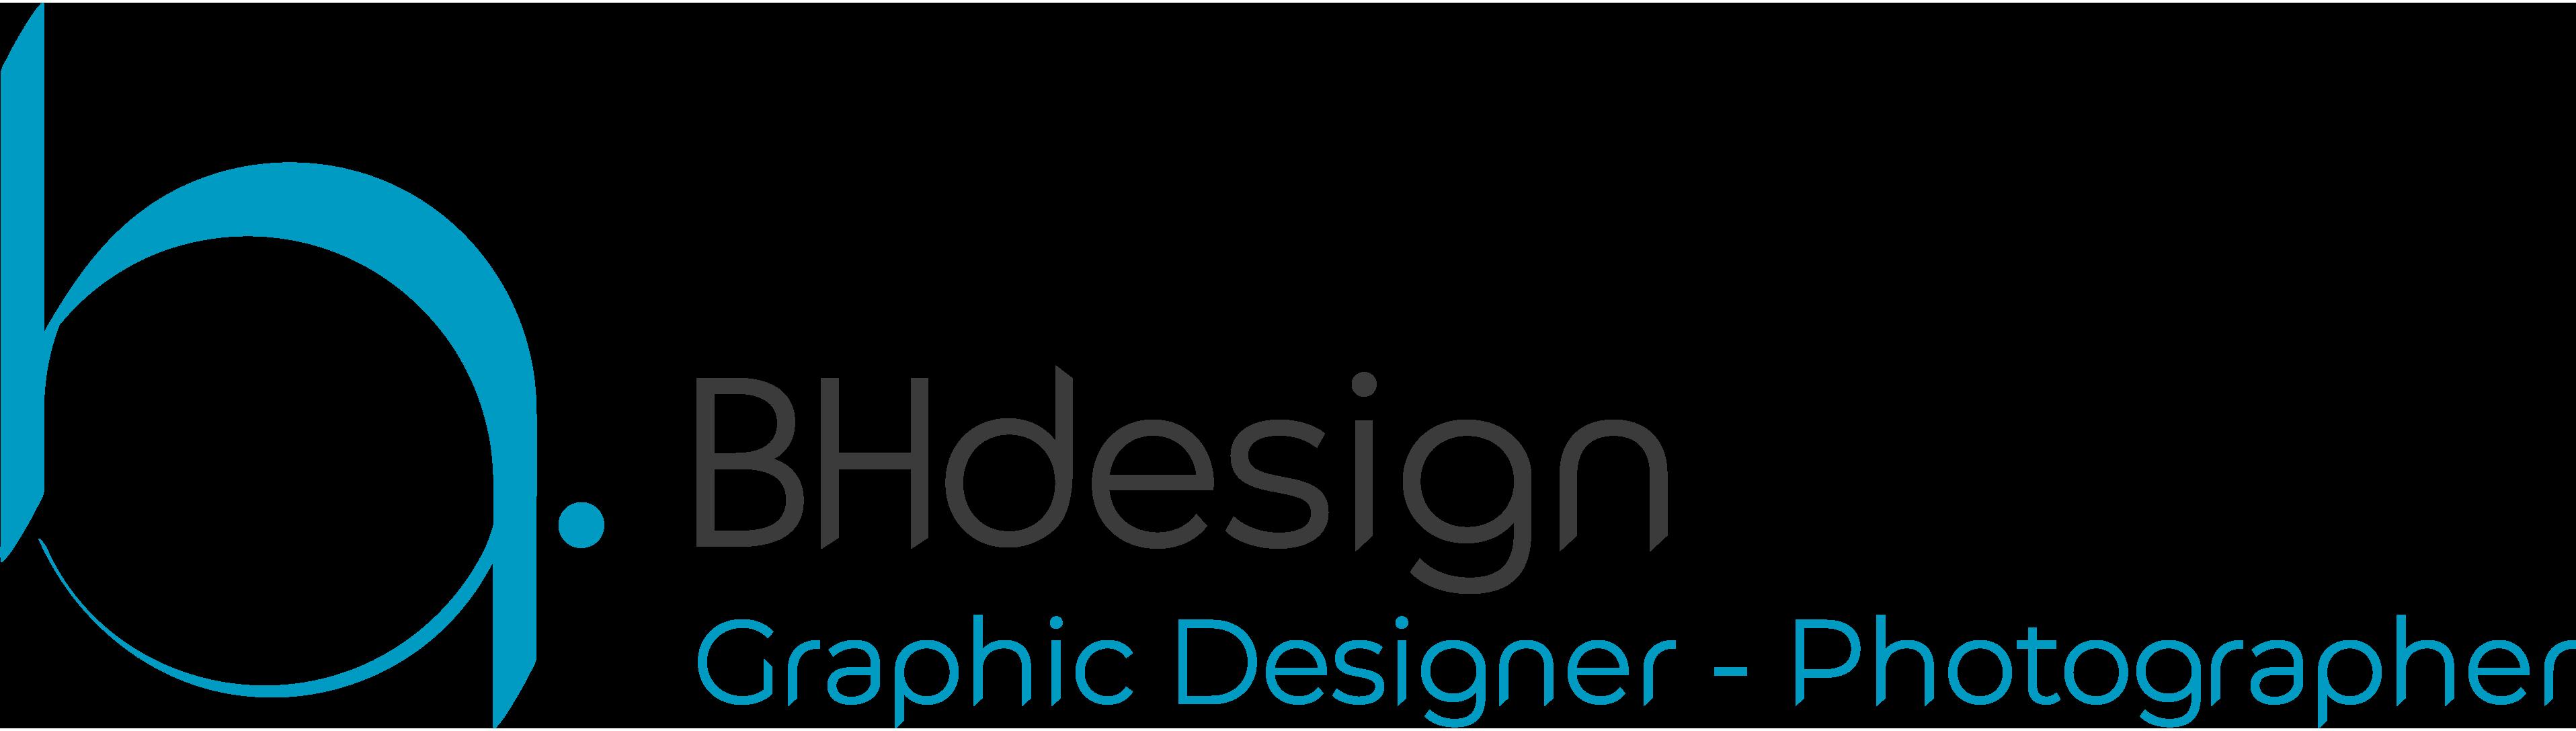 BHdesign - Studio Graphique